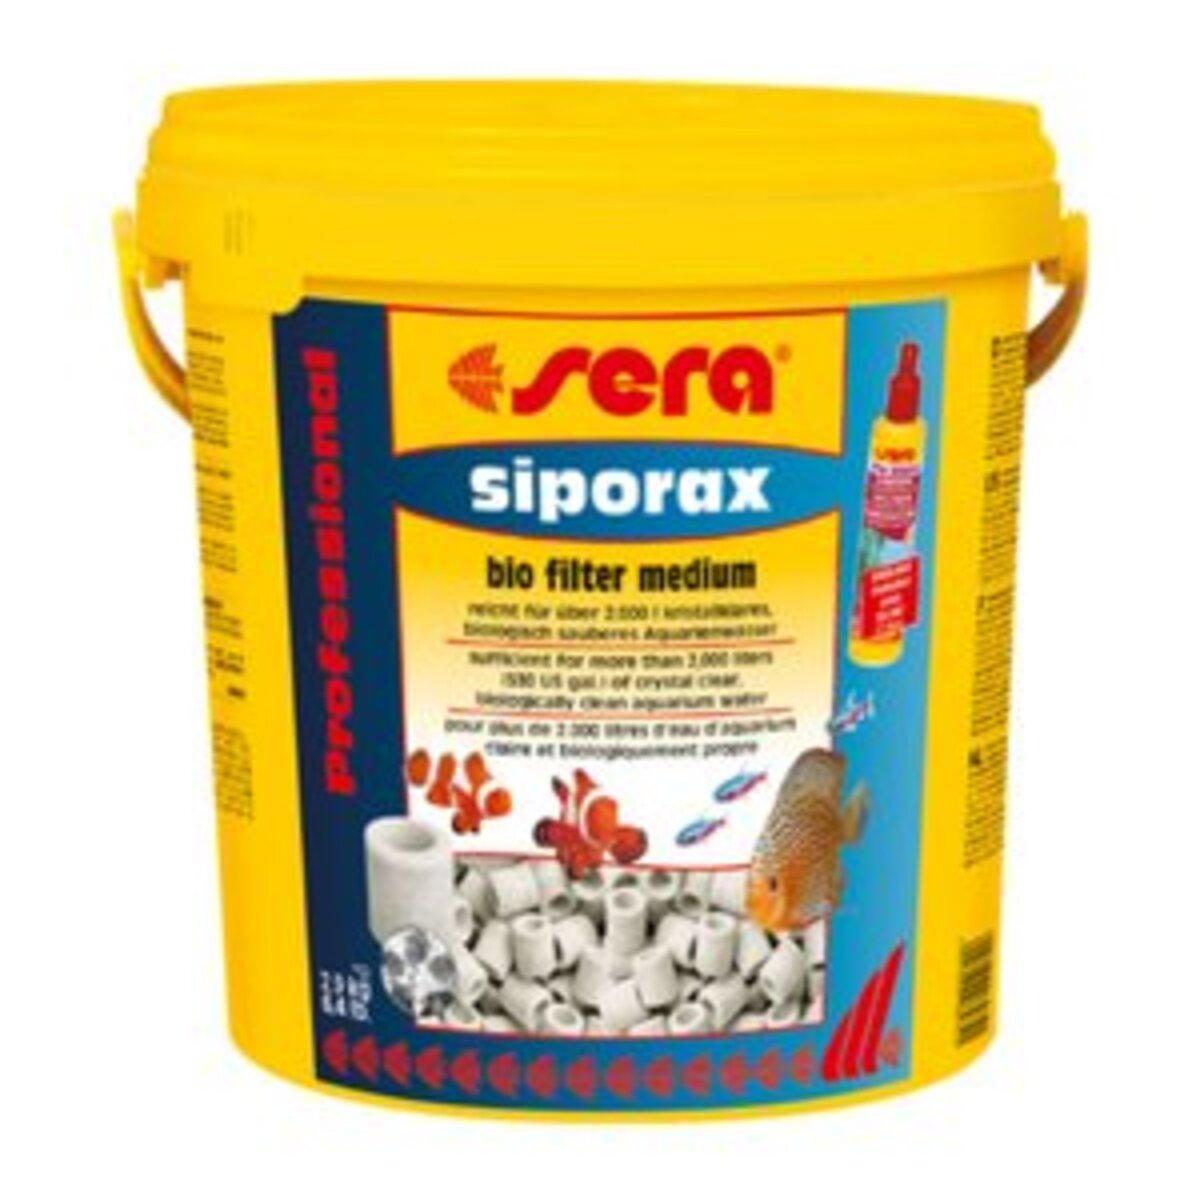 Bild 2 von sera siporax Professional 10 l